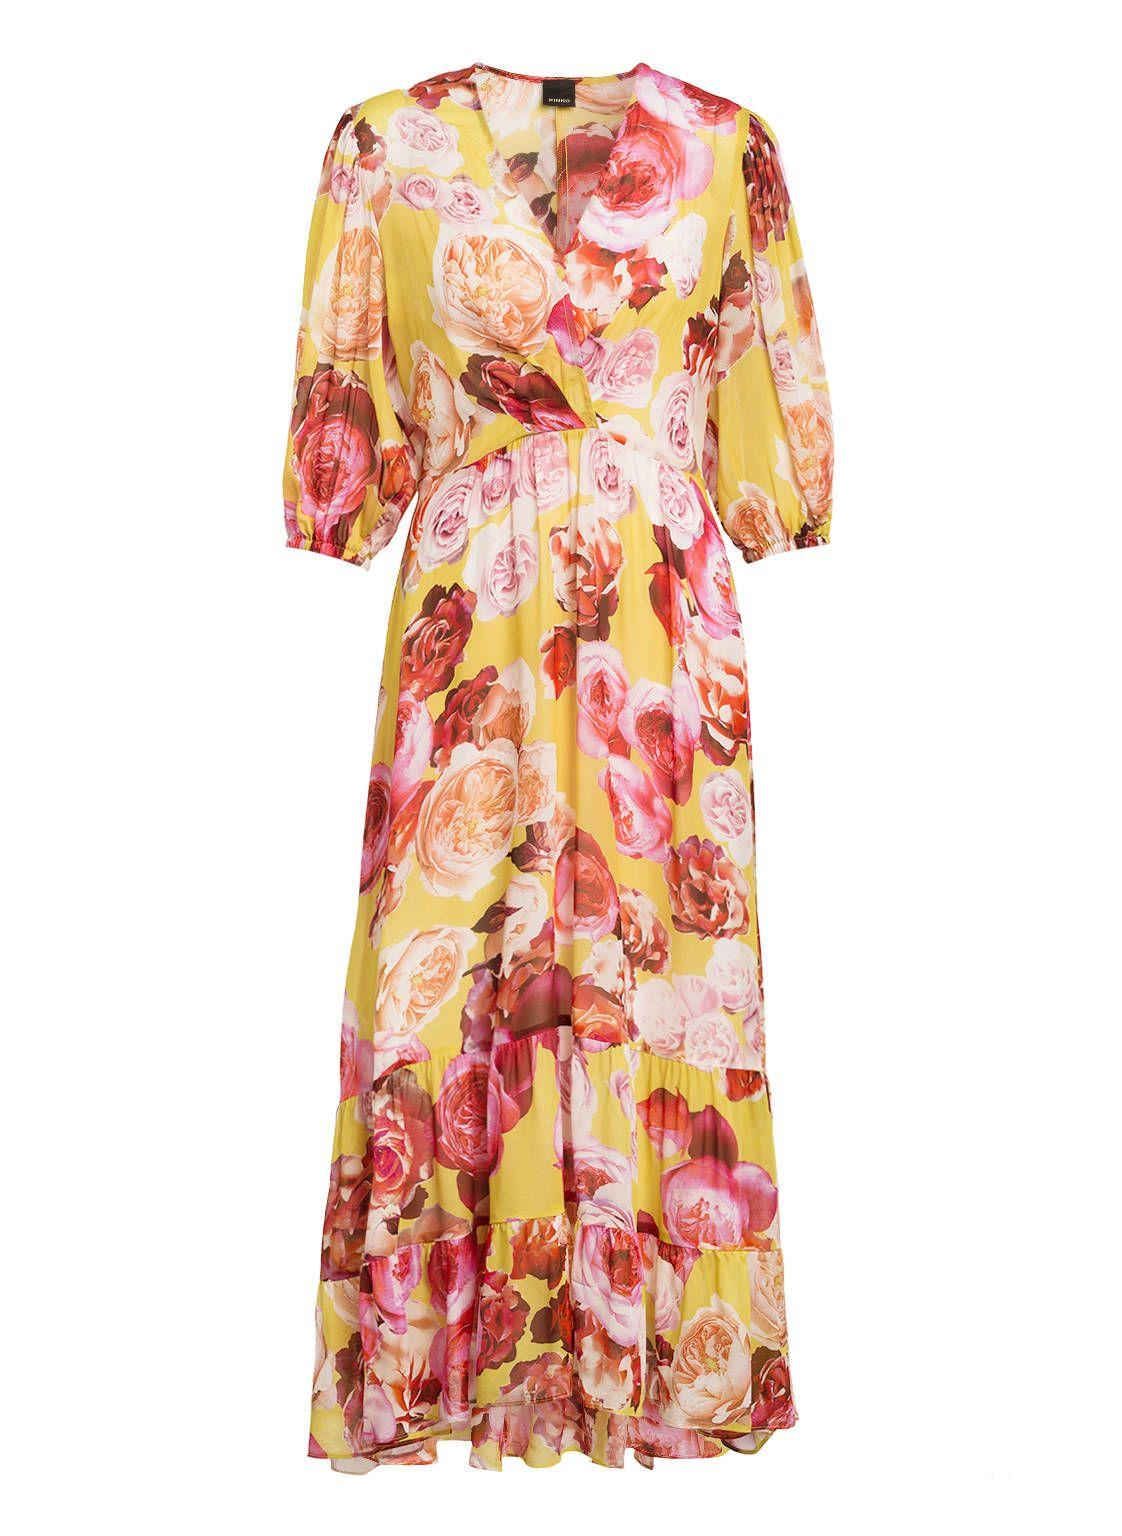 Kleid BACI DI DAMA mit 3/4-Arm von PINKO bei Breuninger kaufen